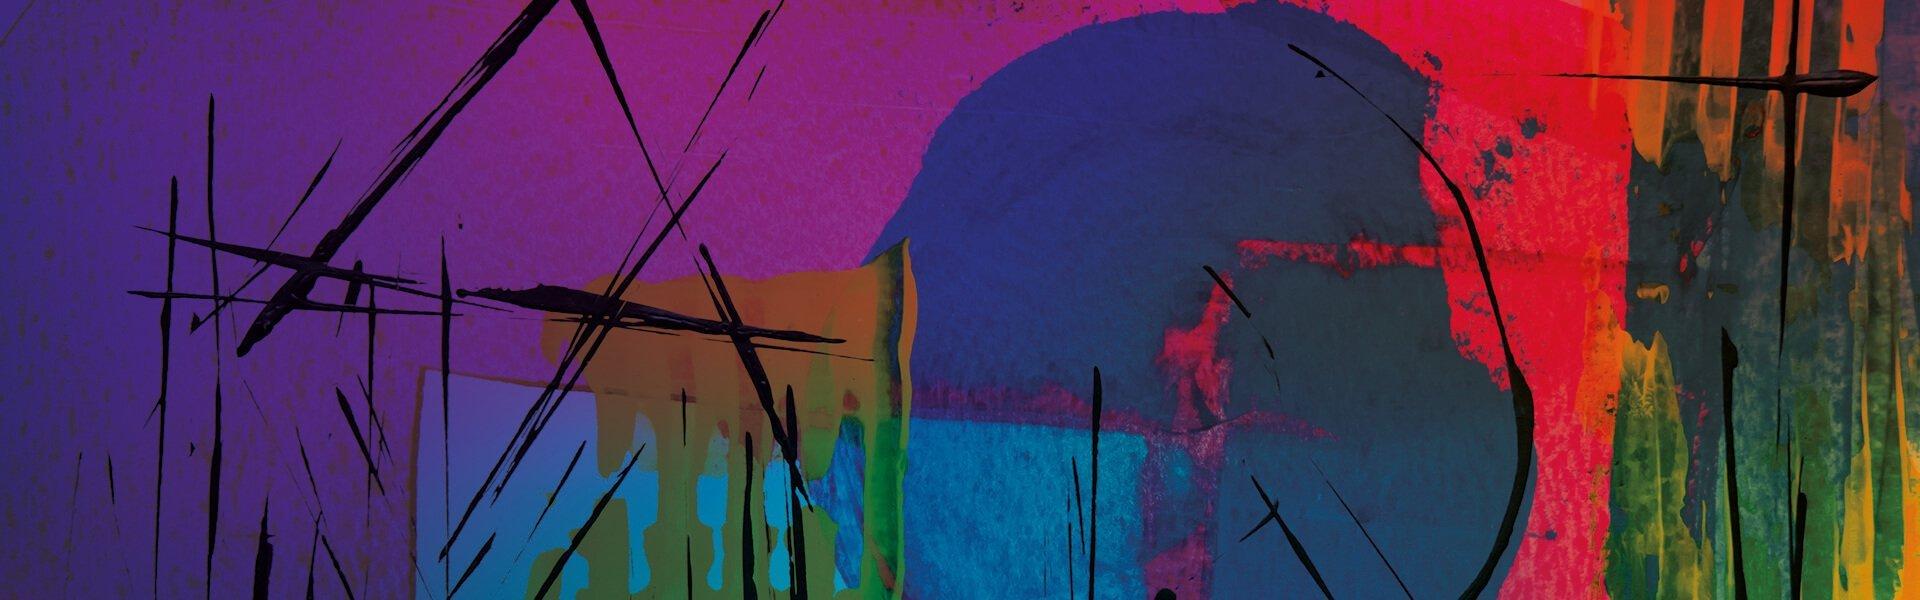 Foto con varios brochazos de pintura de varios colores